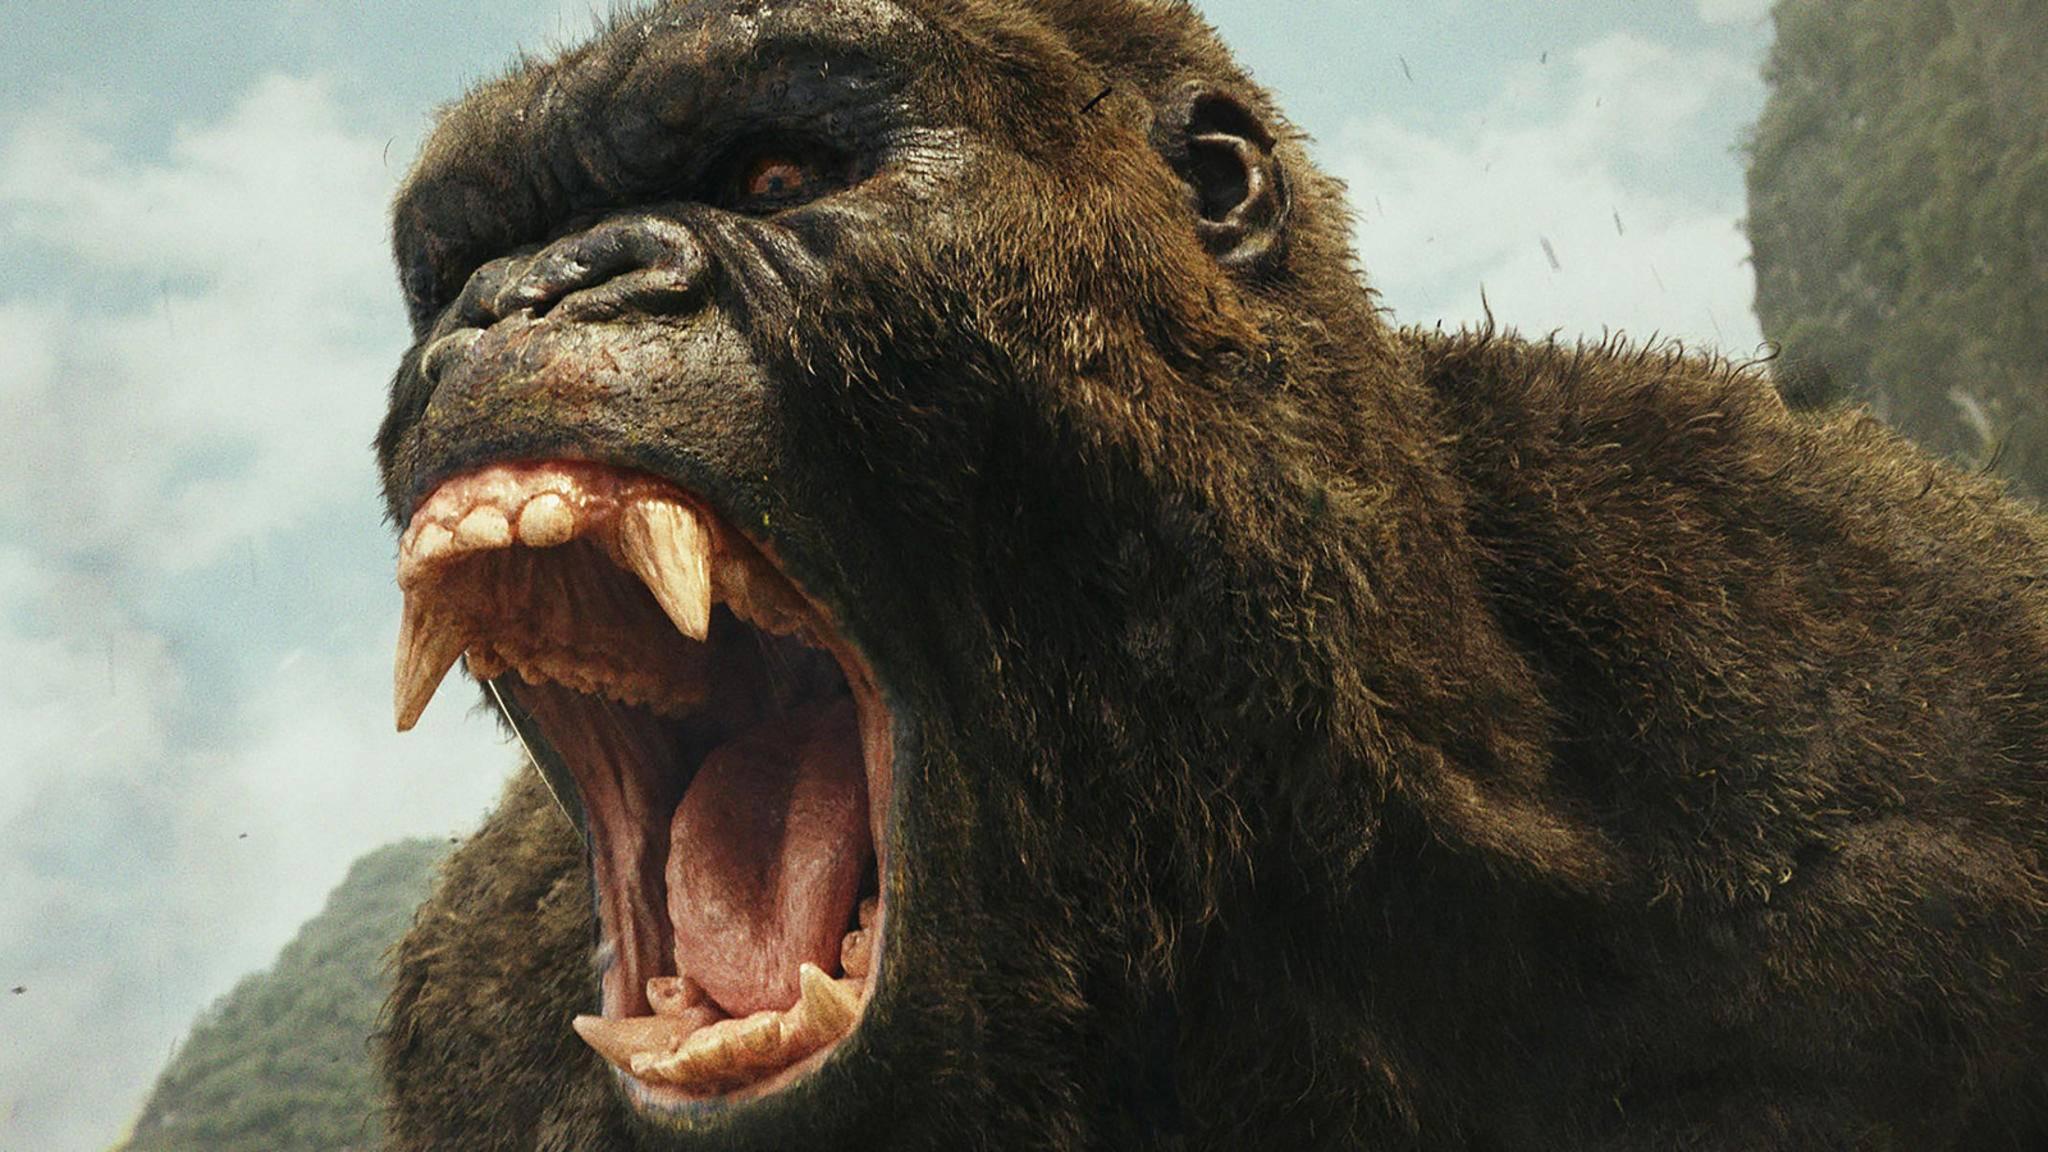 Riesengorilla King Kong könnte bald als reale Serie auf die TV-Bildschirme zurückkehren.